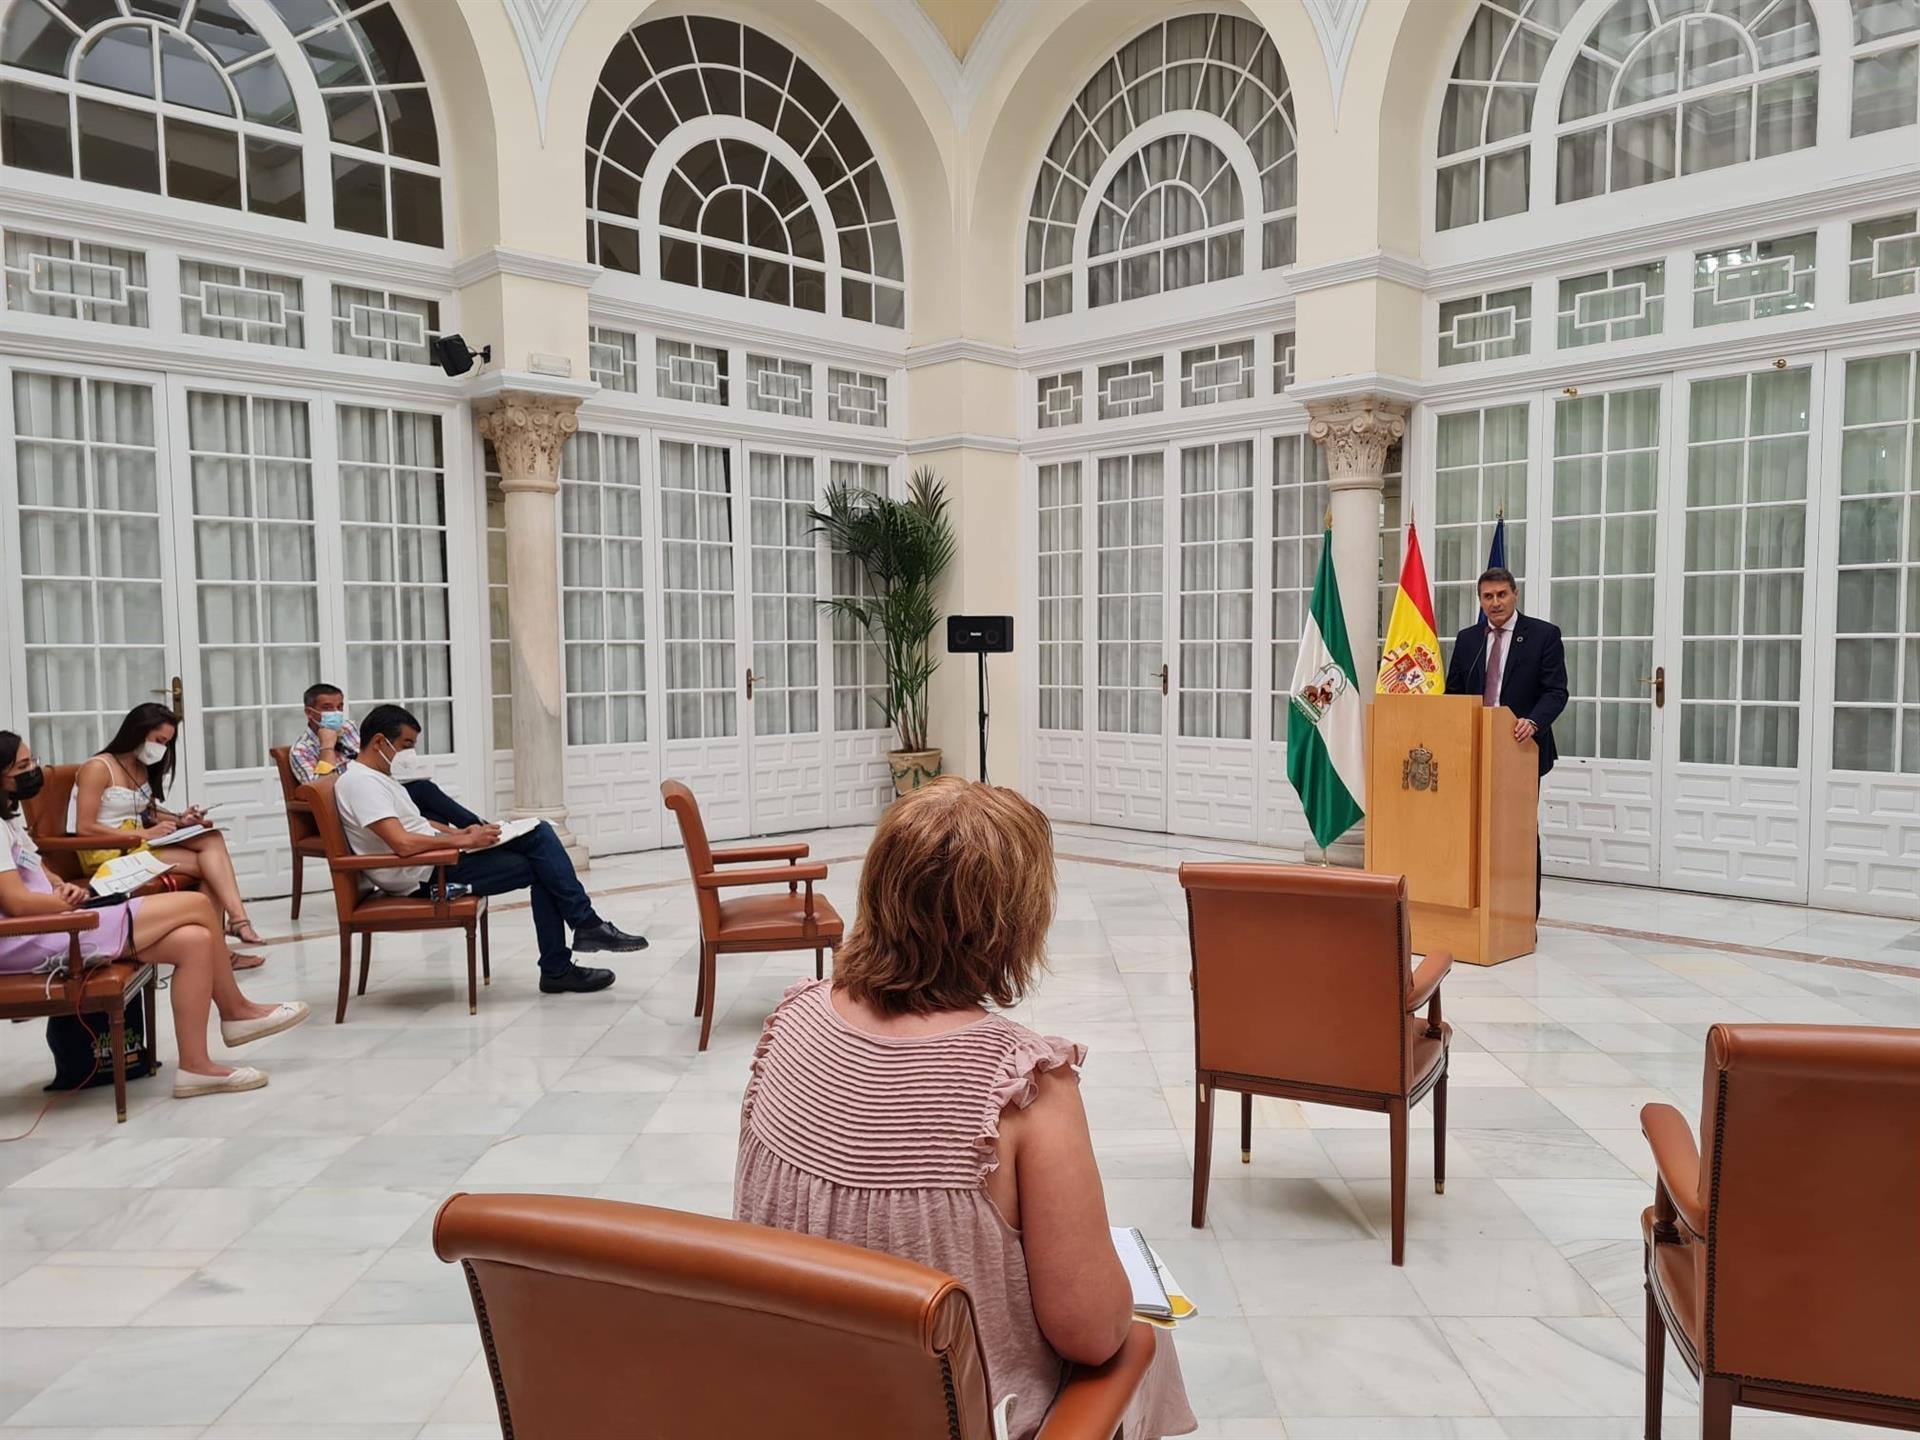 El Gobierno subraya los casi 7.000 millones a Andalucía en el primer semestre del año, un 41,7% al empleo y empresas